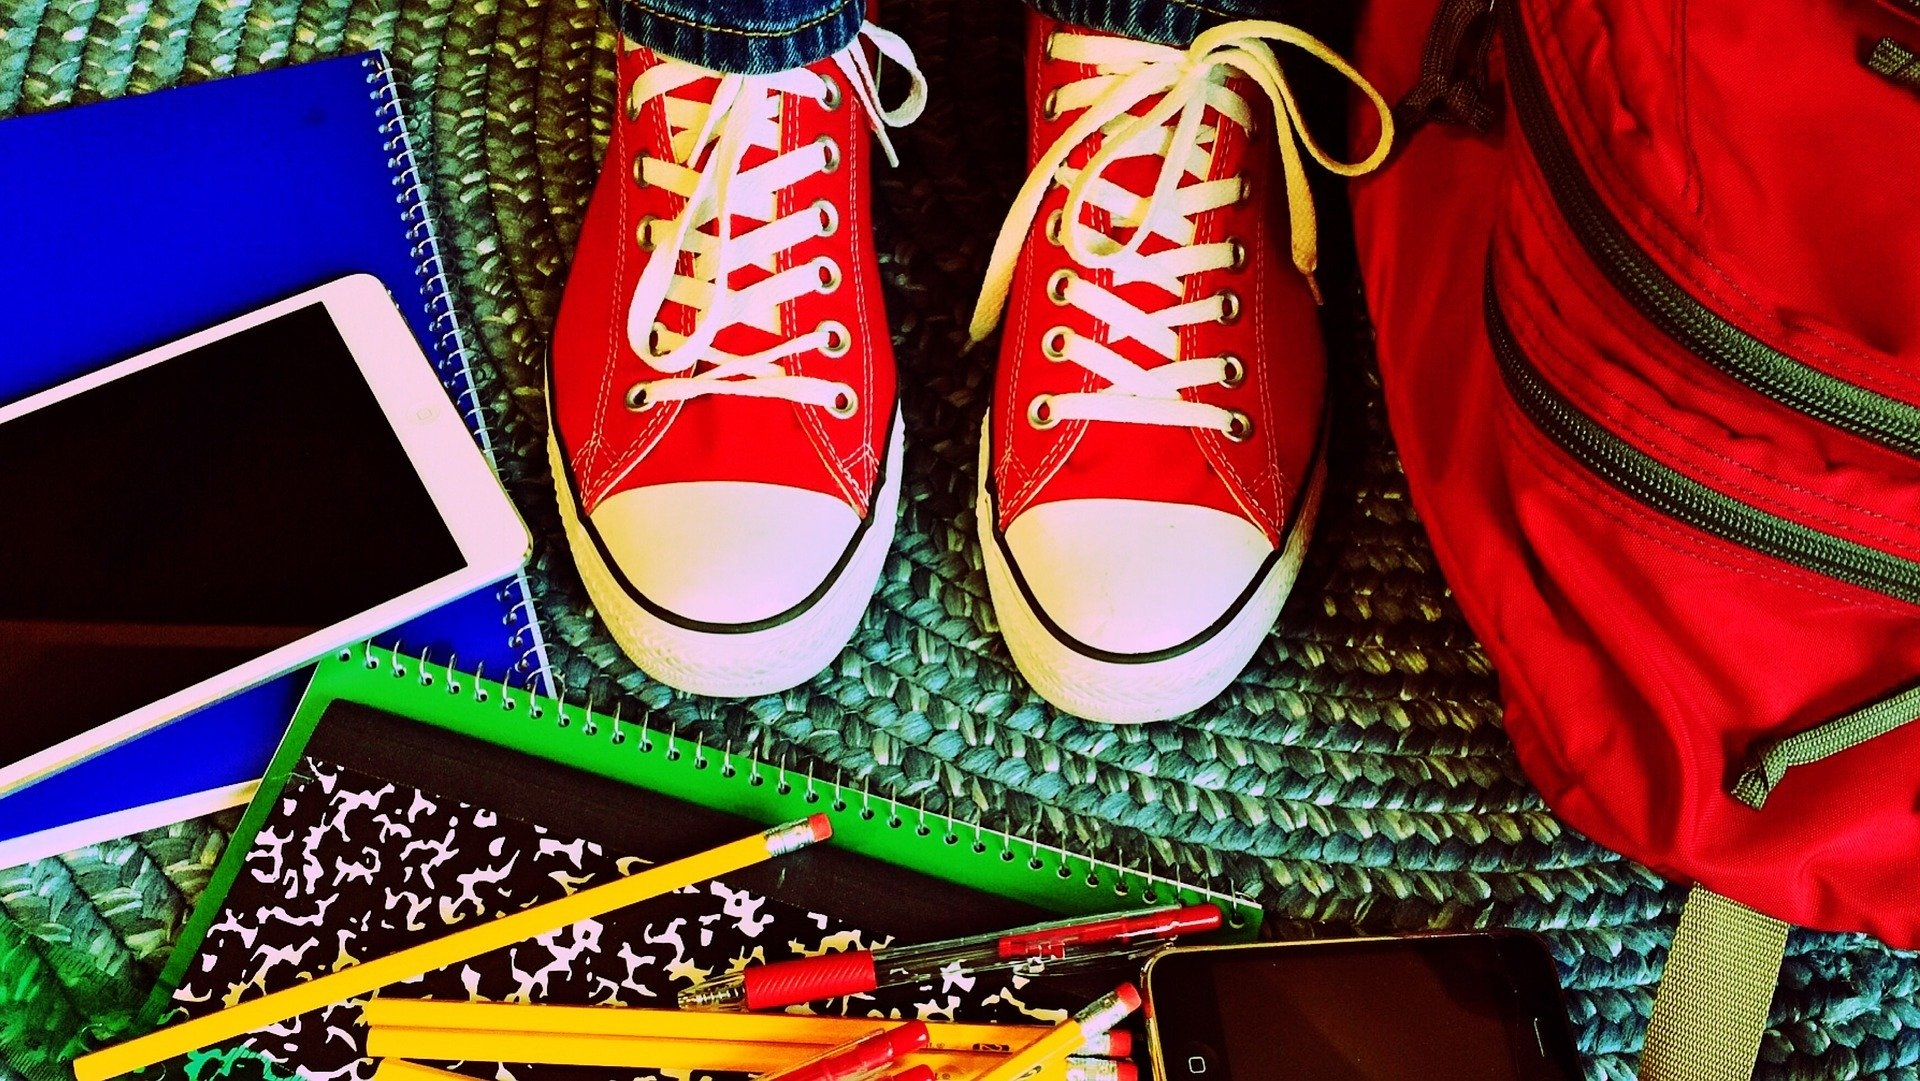 Z veselimi koraki v novo šolsko leto in zdrav življenjski slog